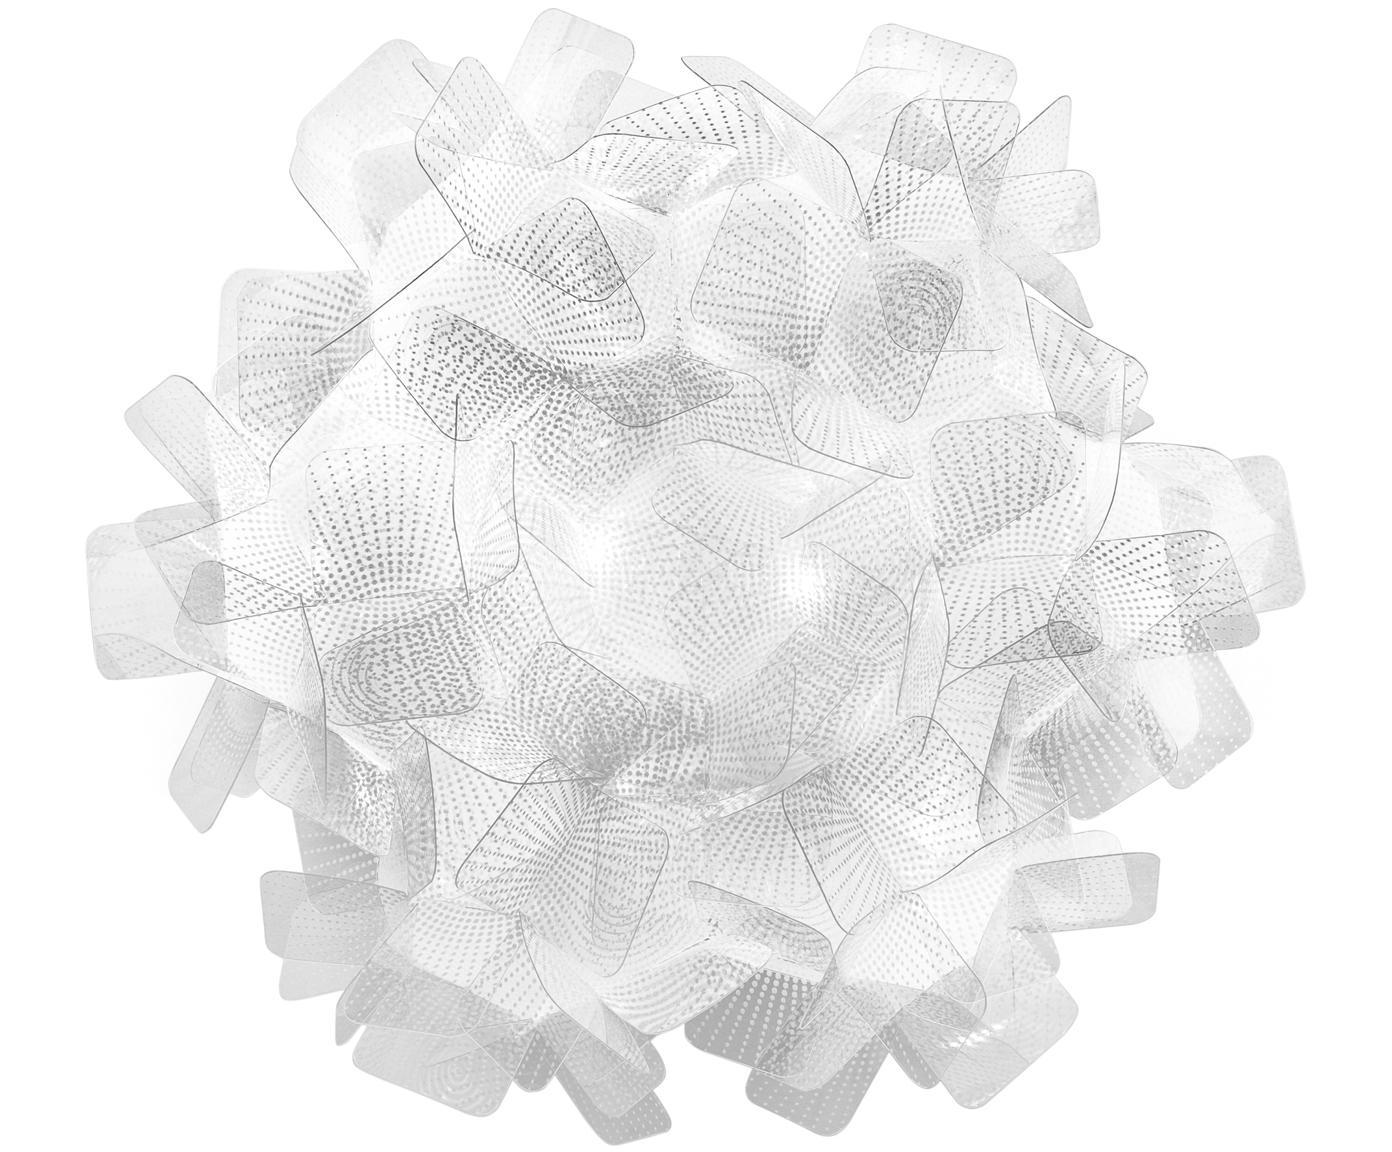 Lampada da parete e soffitto Clizia Pixel, Tecnopolimero Opalflex®, riciclabile, infrangibile, flessibile, con rivestimento antistatico, resistente ai raggi UV e al calore, Trasparente, Ø 32 x Prof. 15 cm